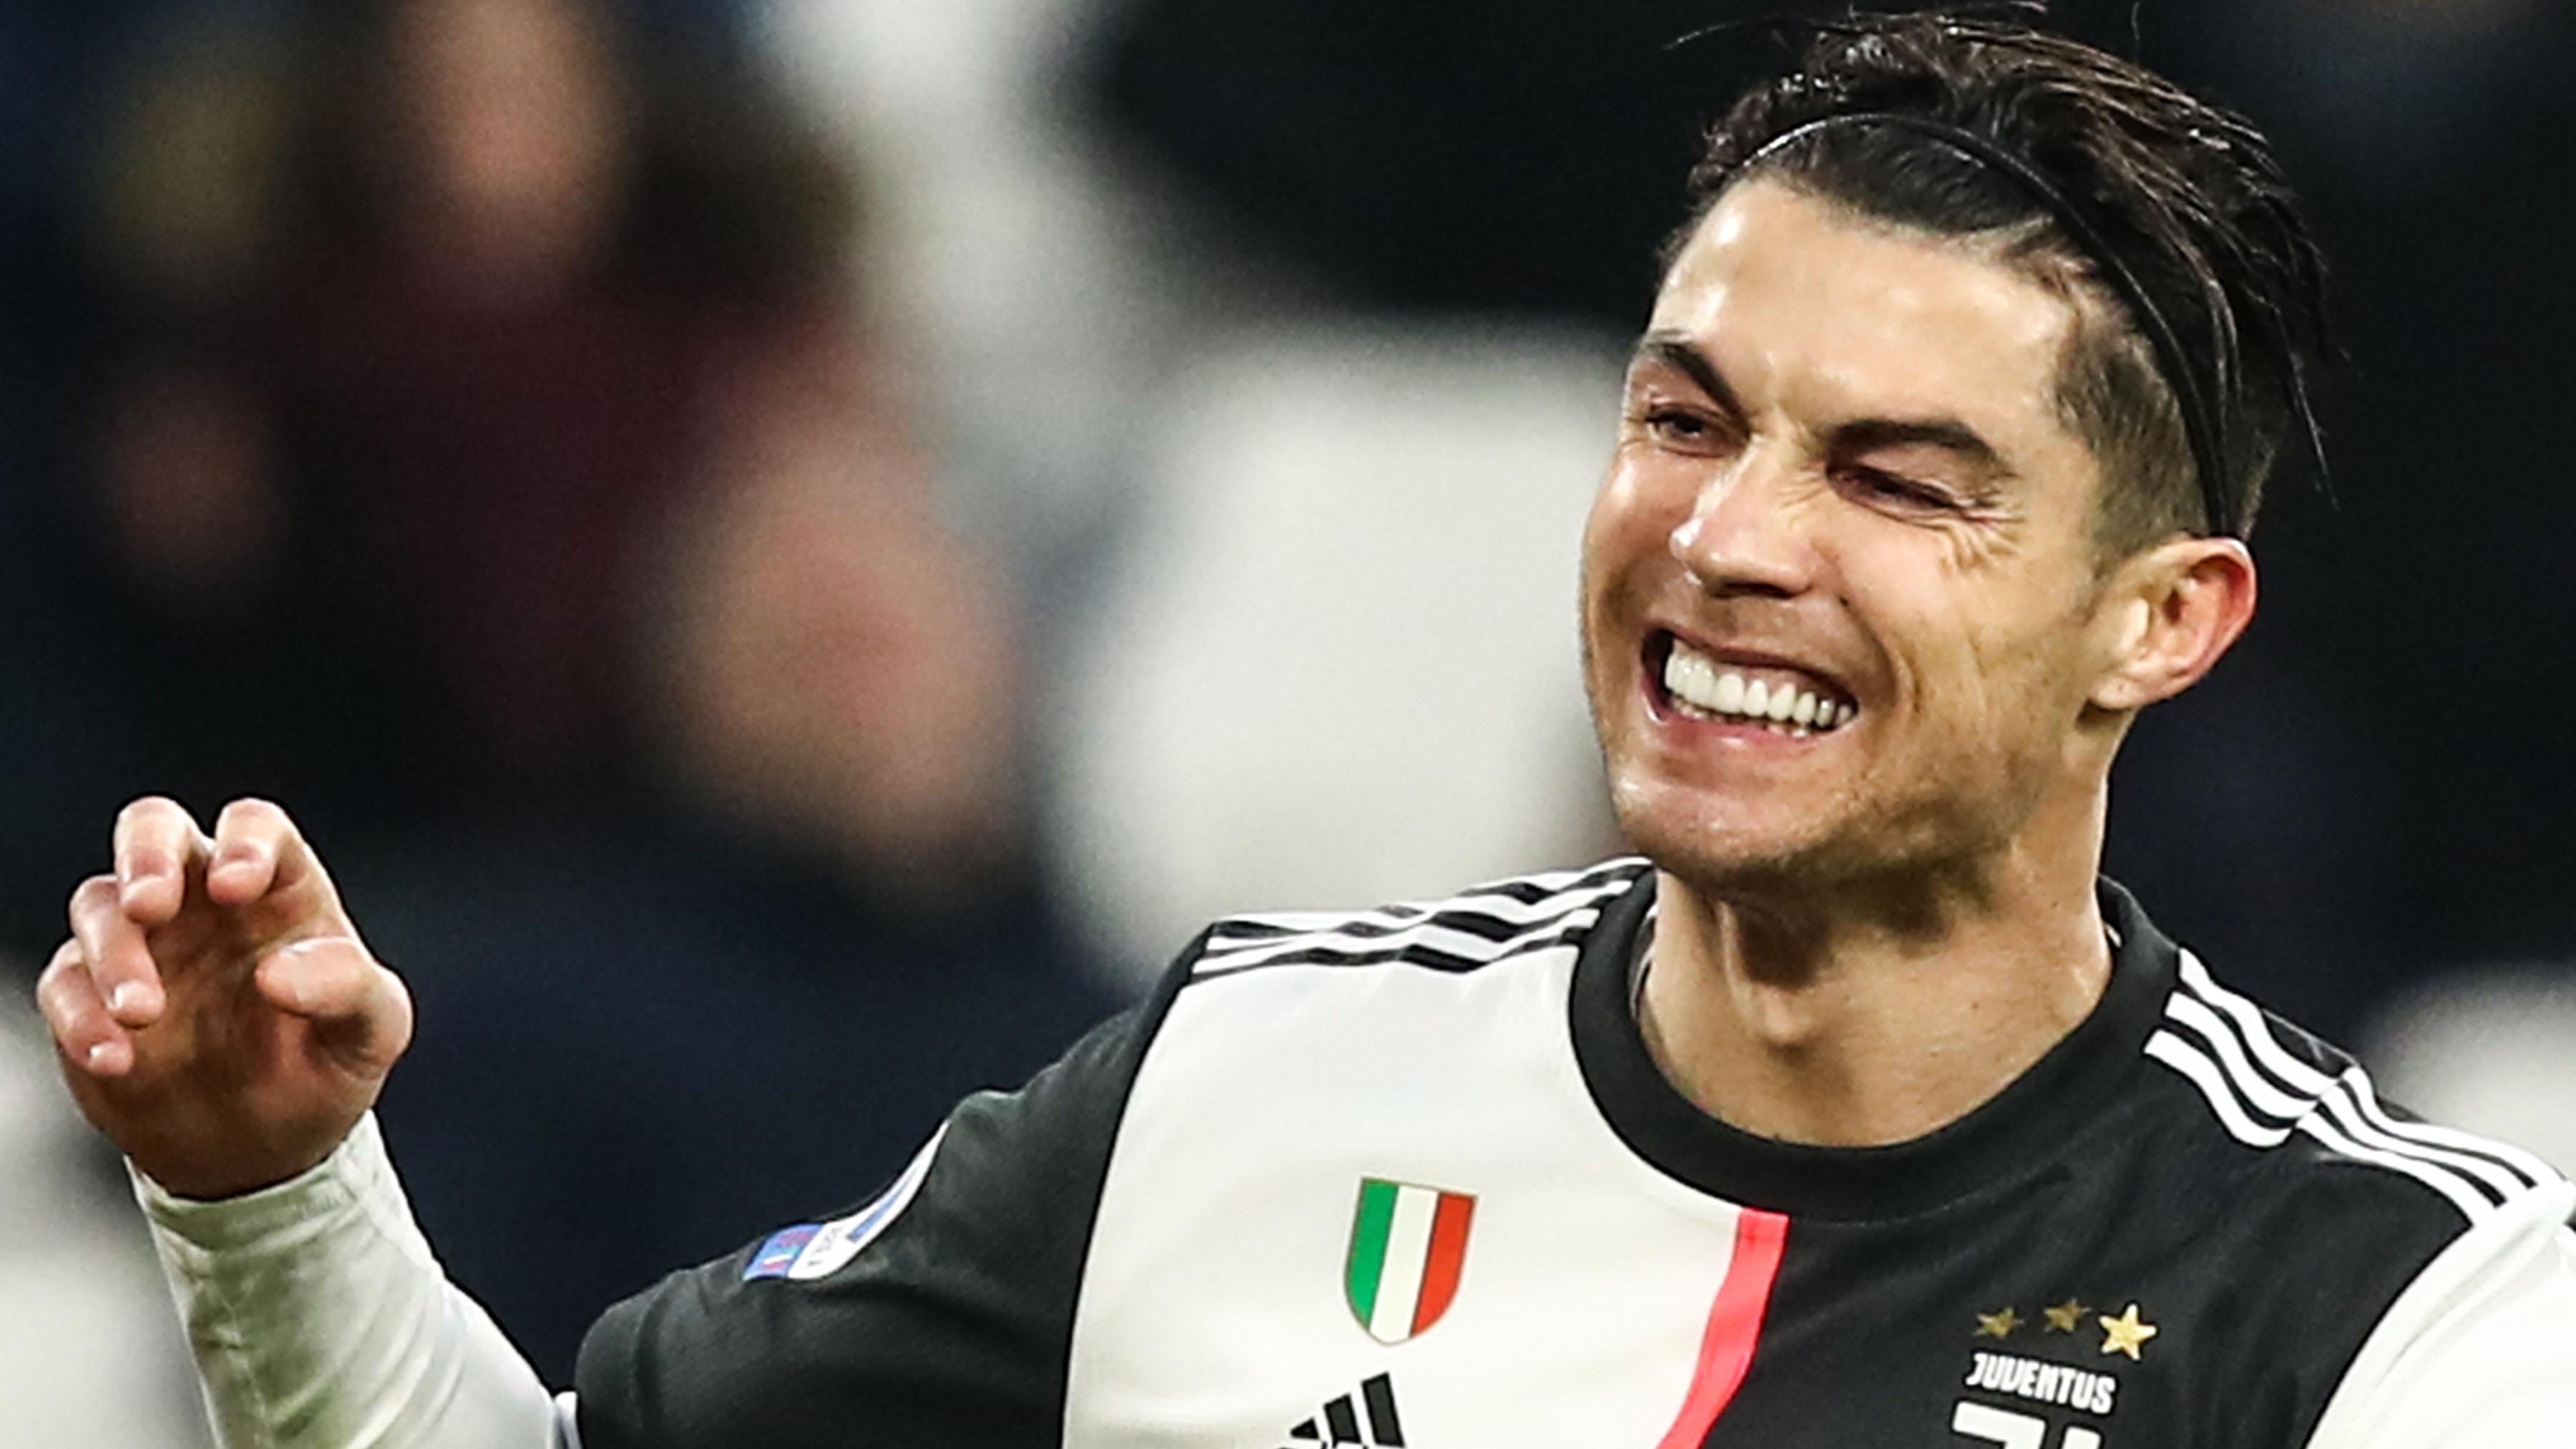 Dos goles de Cristiano Ronaldo sitúan a la Juventus líder provisional | El Heraldo